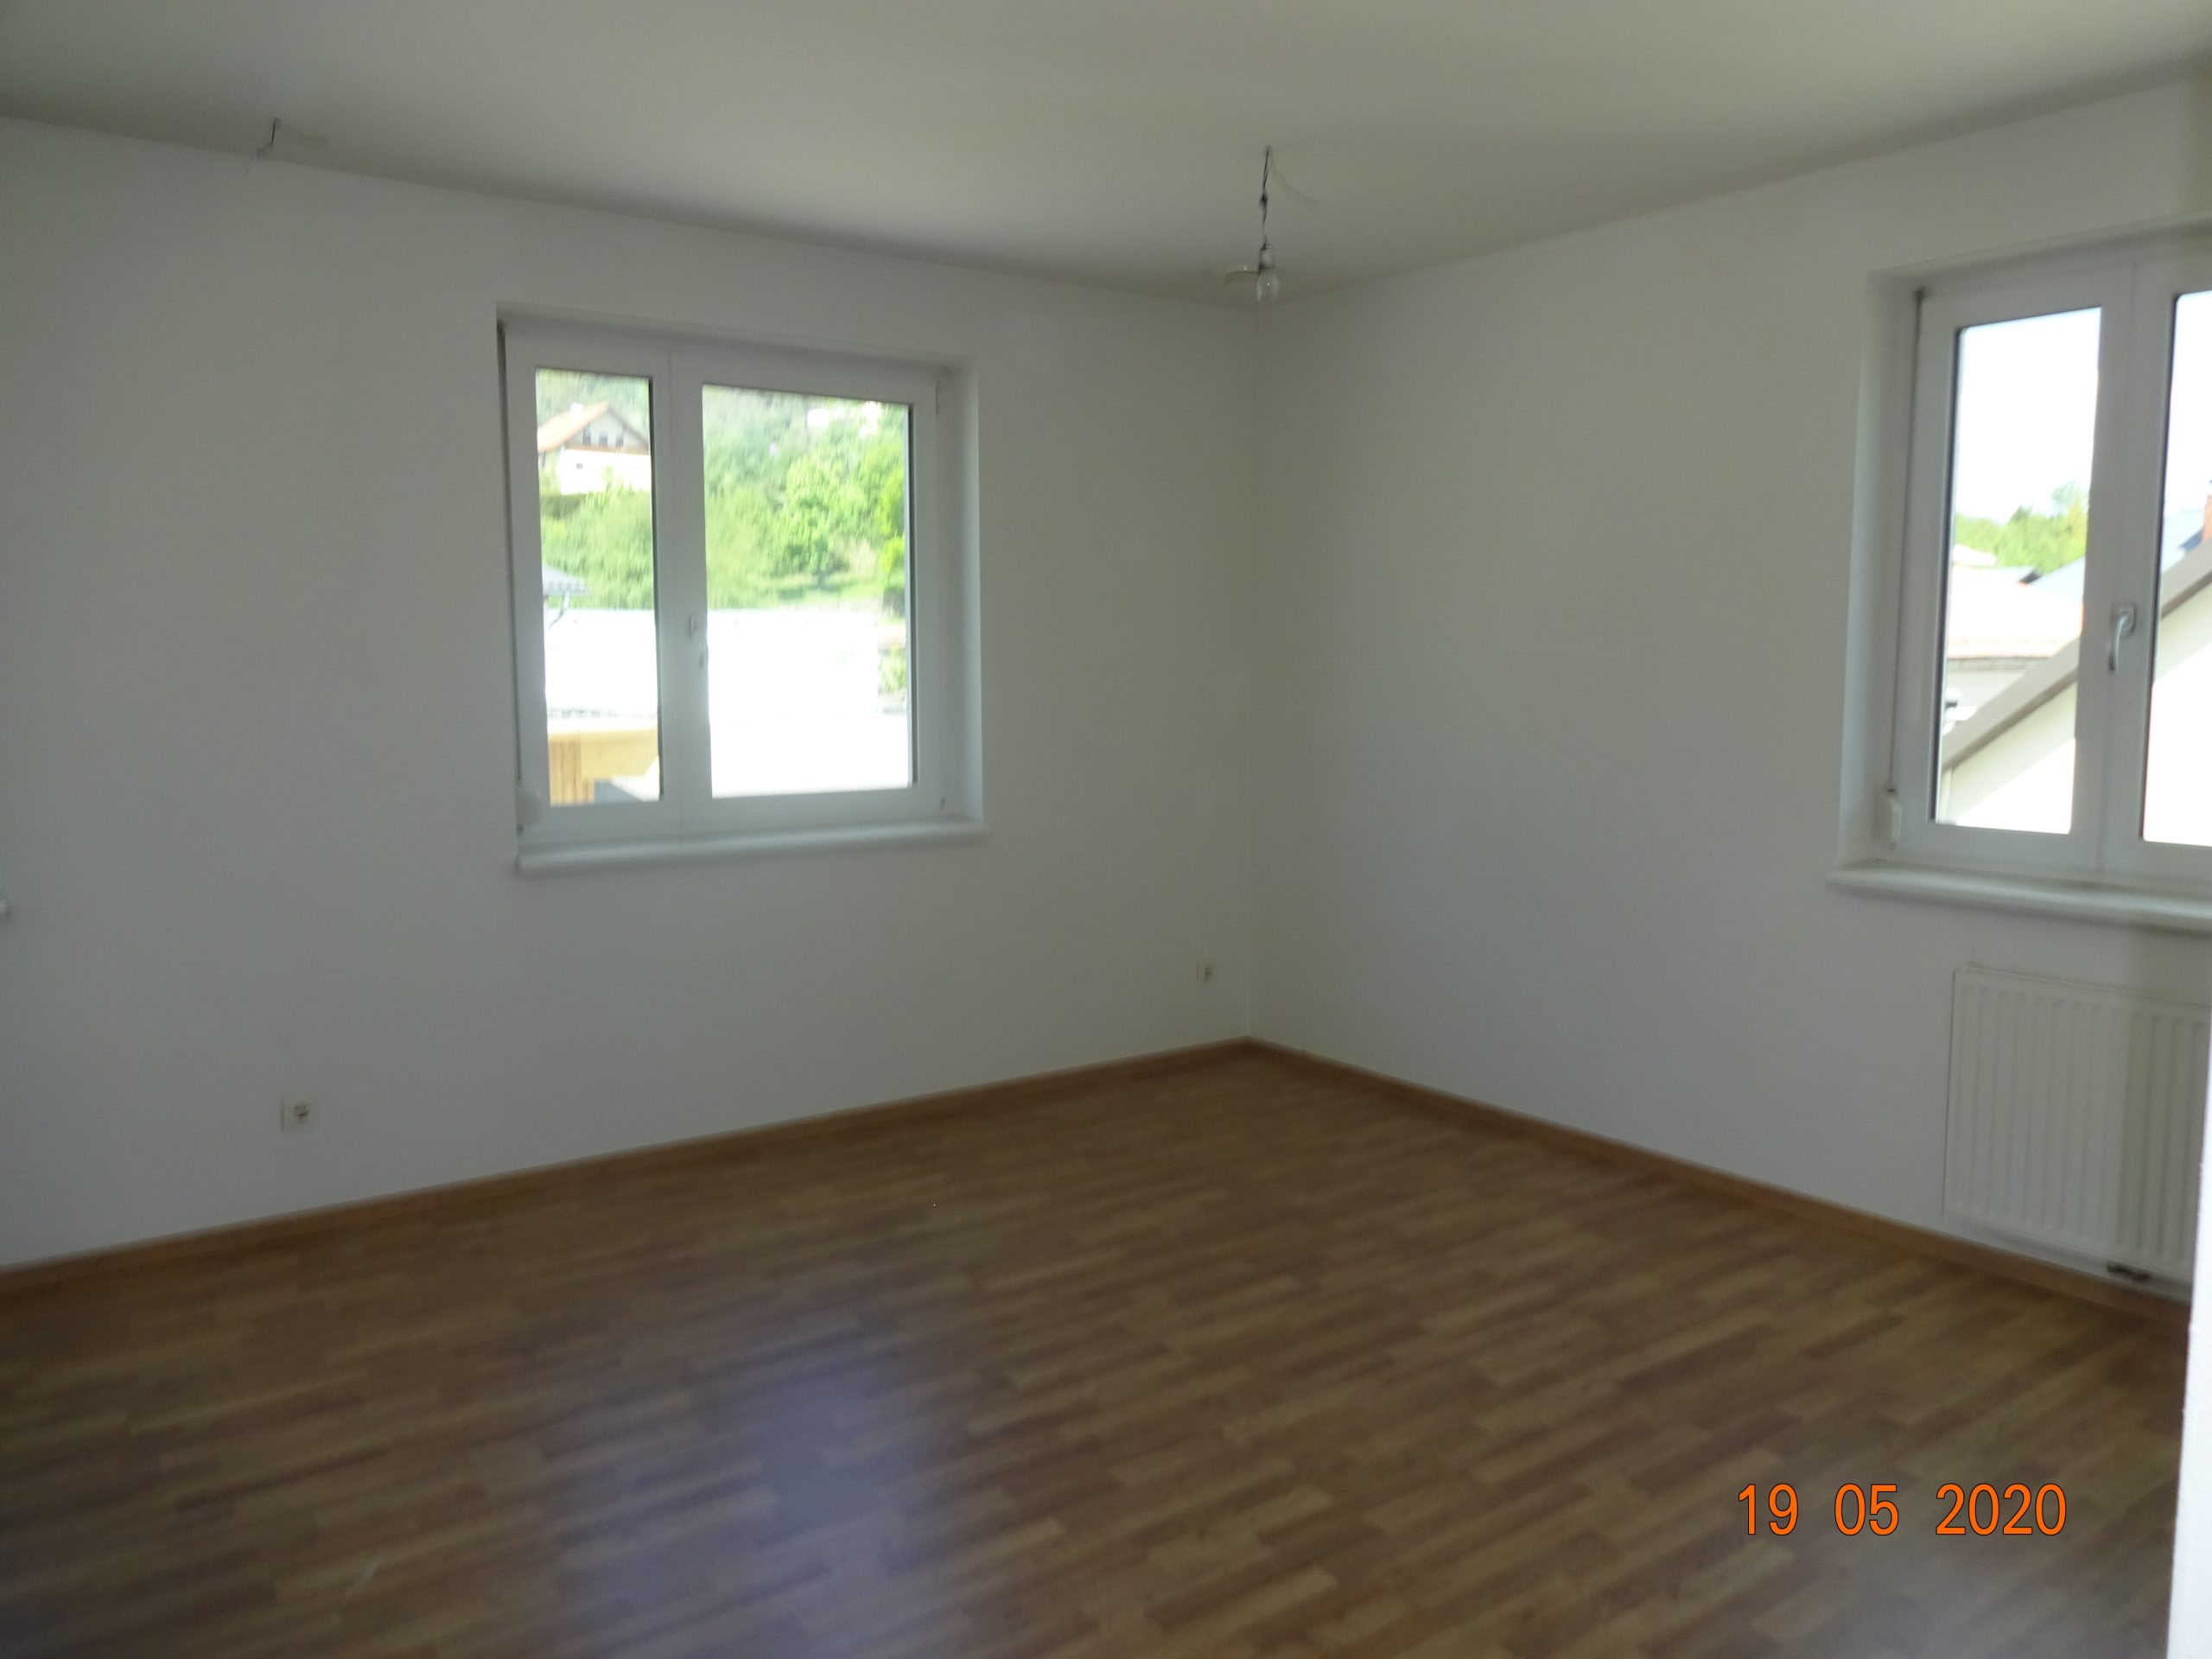 Immobilie von Kamptal in 3925 Arbesbach, Zwettl, Arbesbach II - Top 6 #3